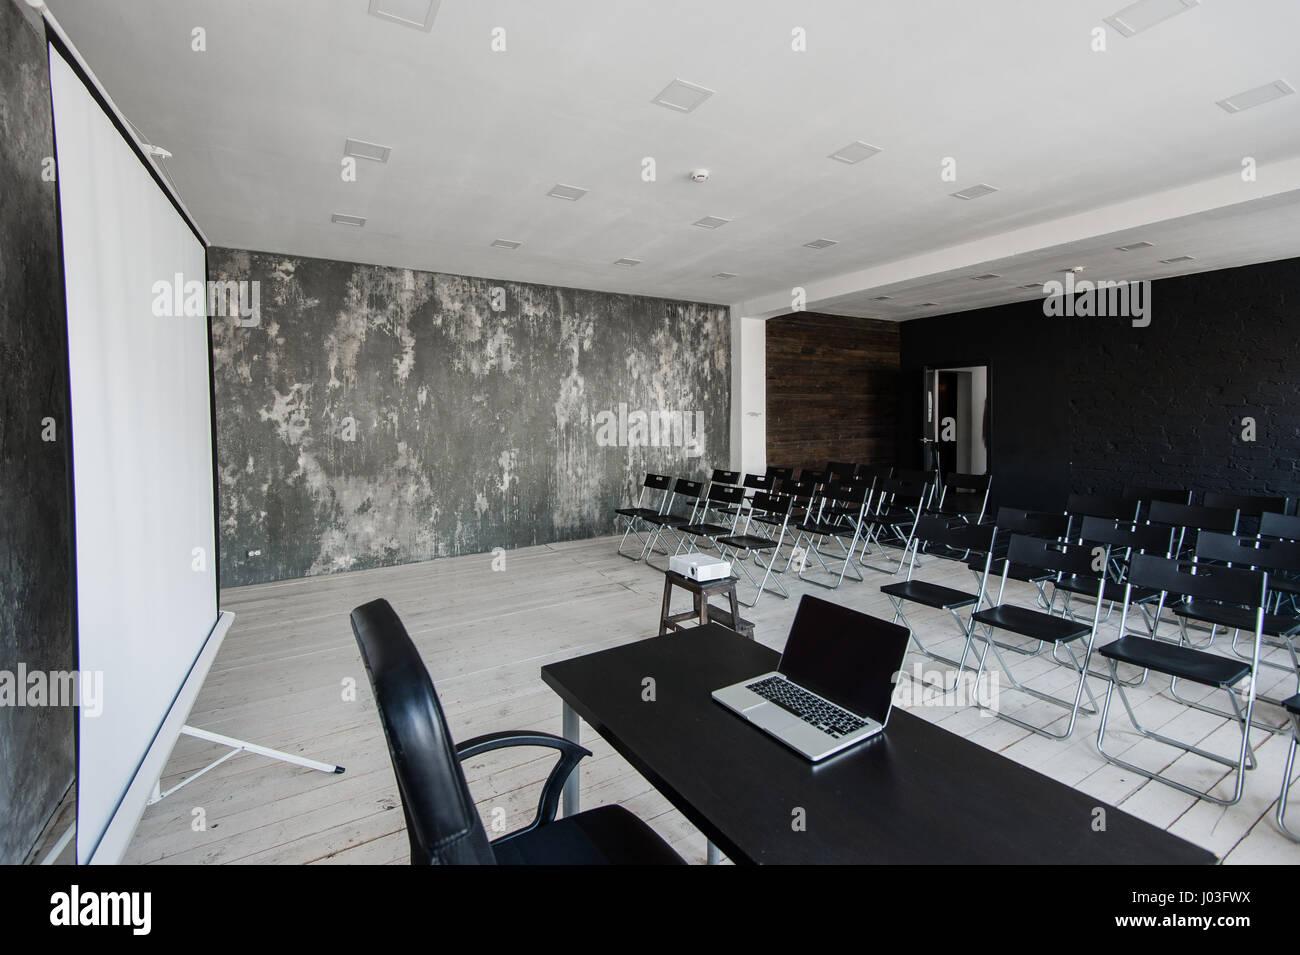 Raum für Vortrag mit vielen dunklen Stühlen. Wände sind weiß, Loft ...